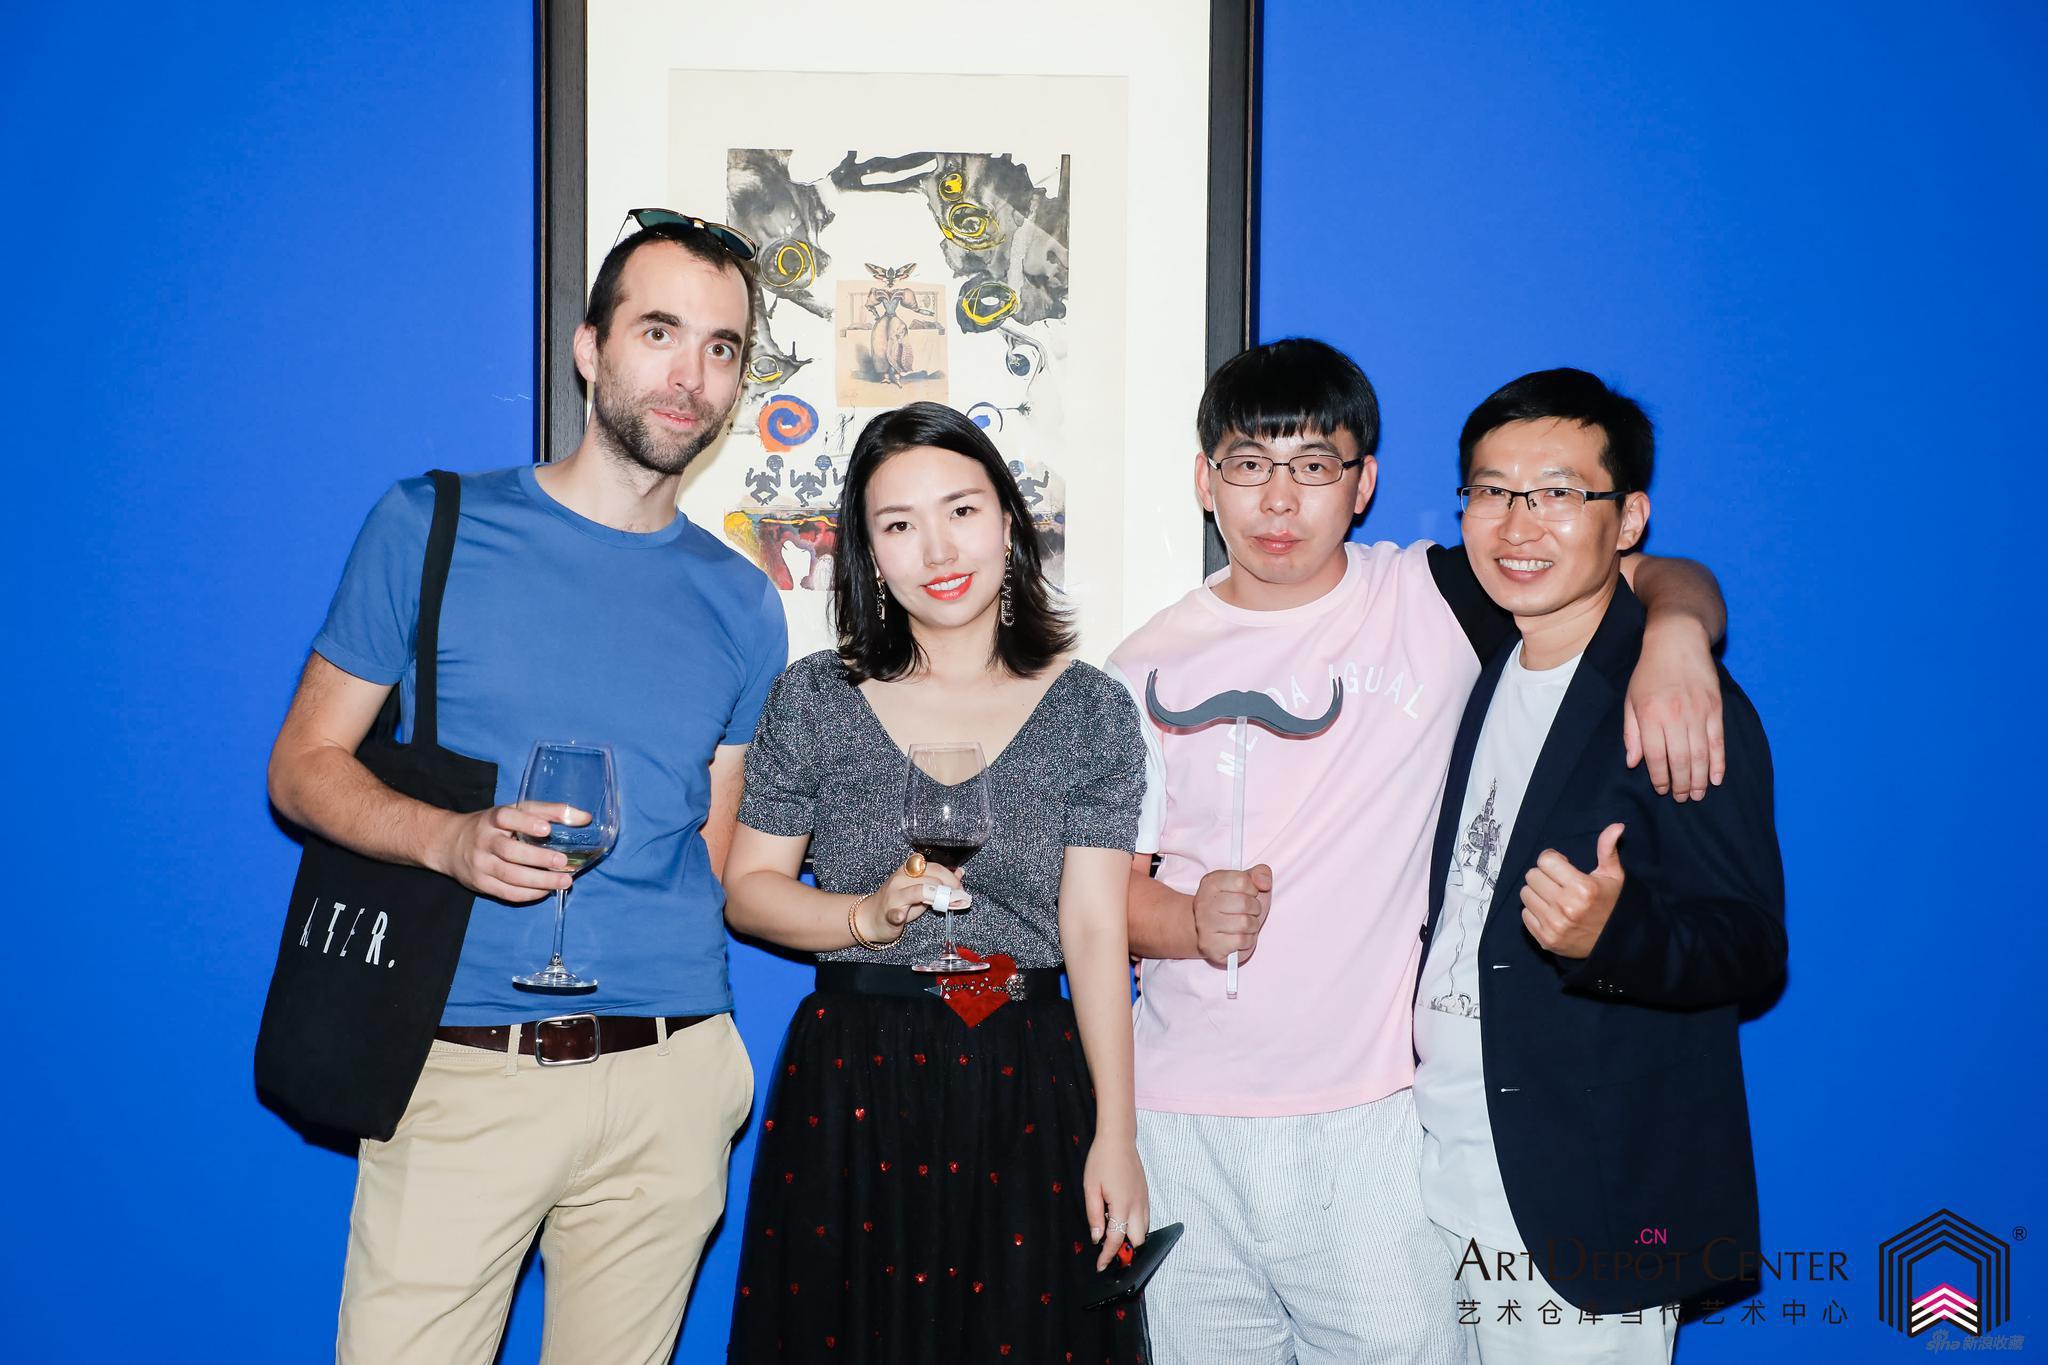 ArtDepot艺术仓库创始人,本次中方策展人Serena Zhao与策展人Jeremy,艺术家张占占及友人